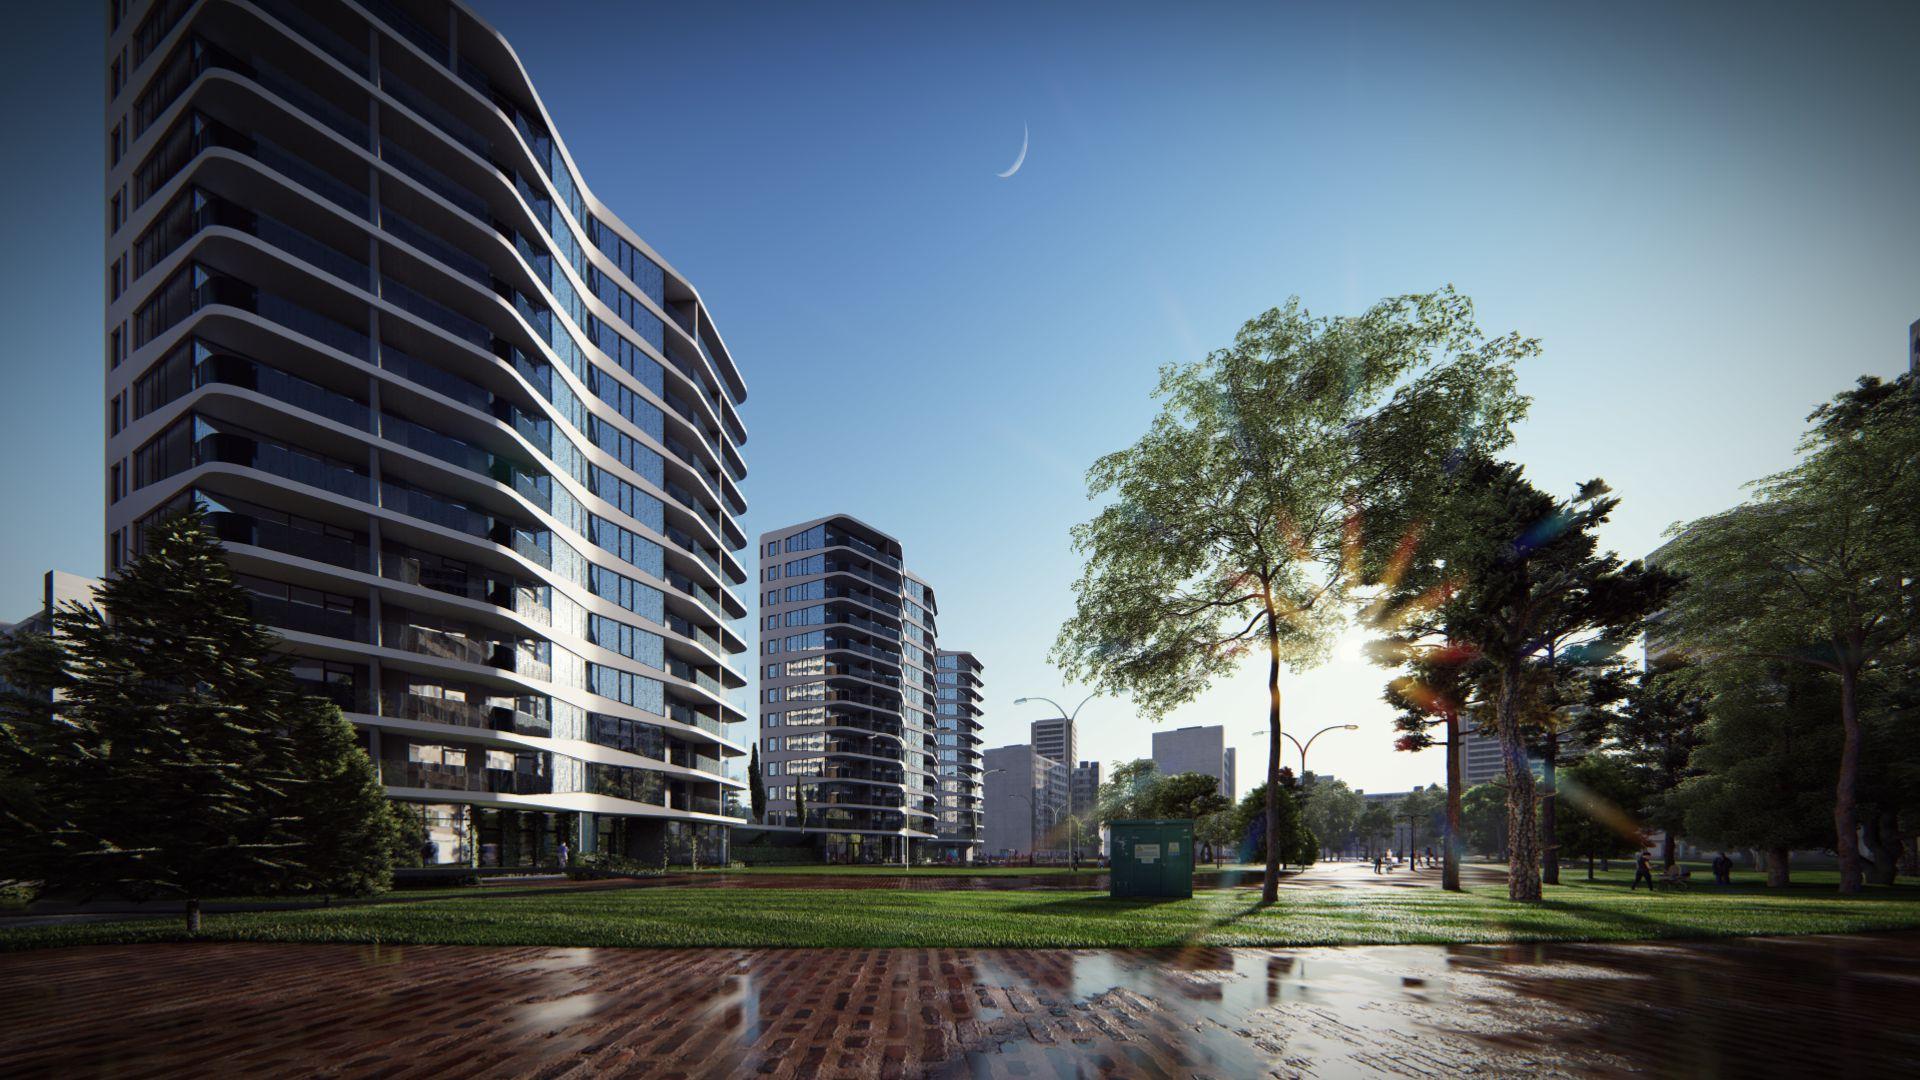 arhitektuurne 3d visualiseerimine skyline 5 4